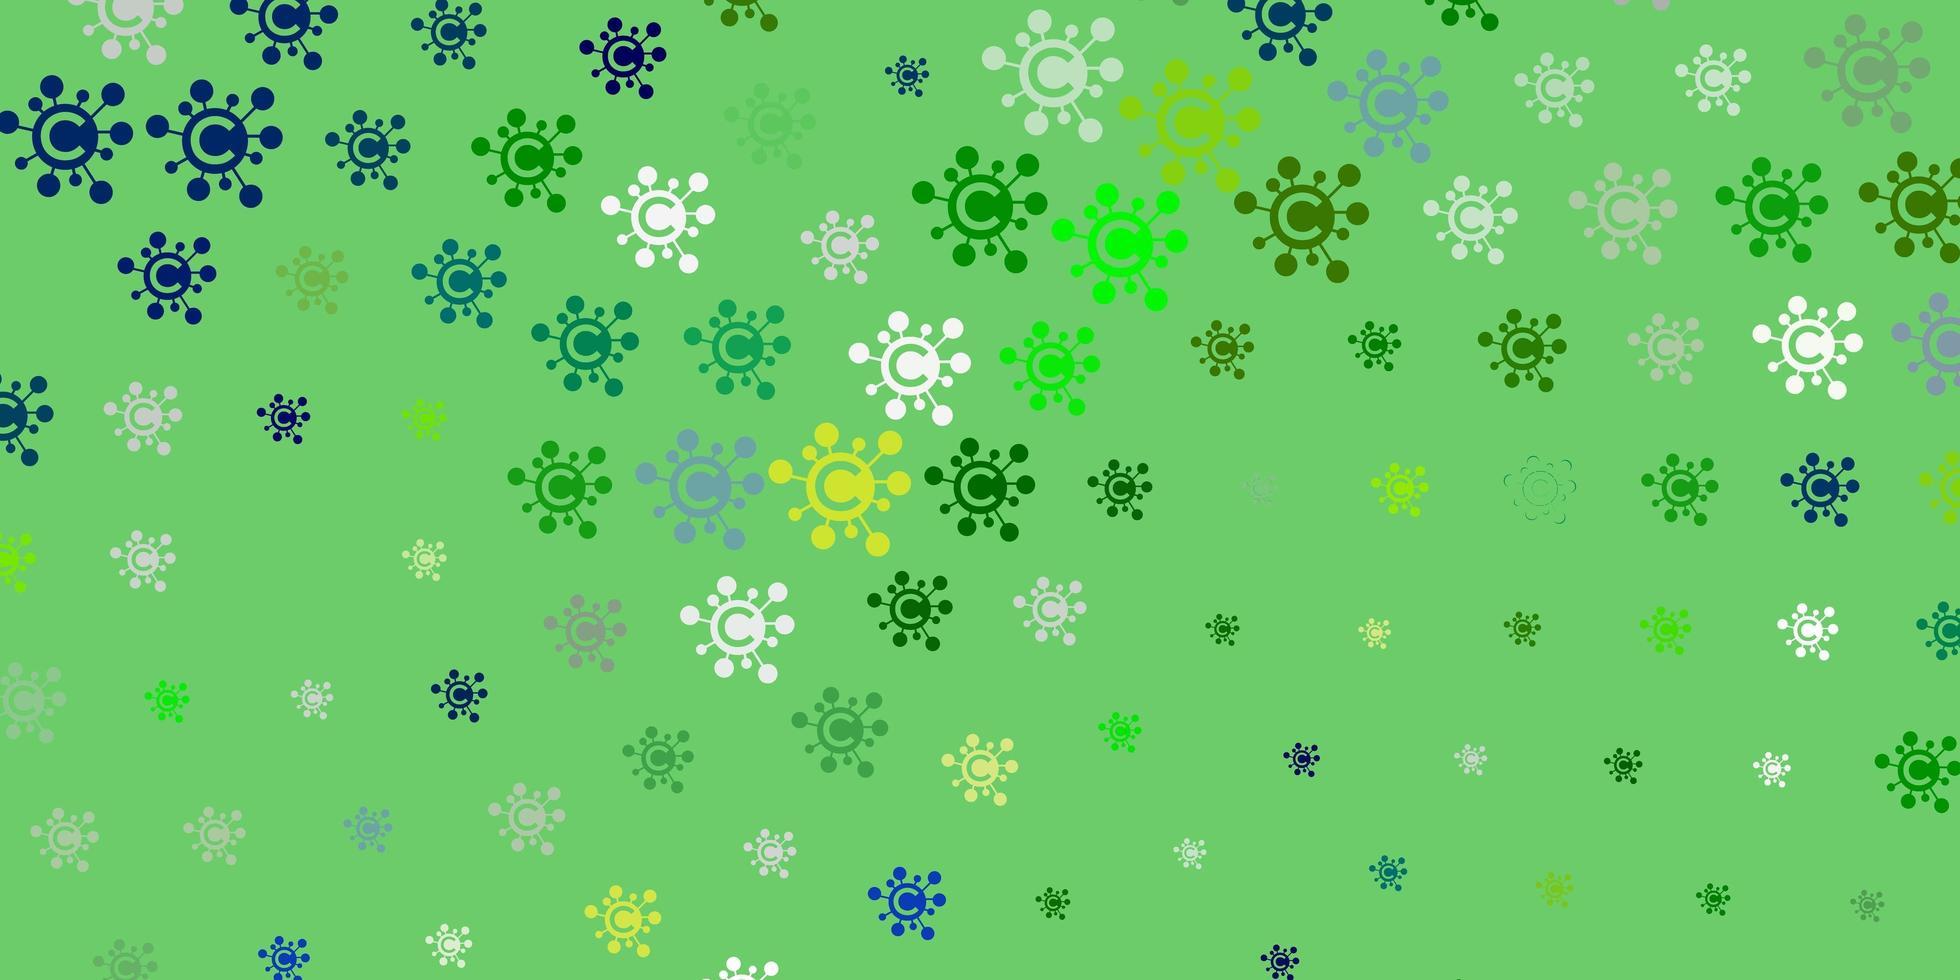 sfondo vettoriale azzurro e verde con simboli covid-19